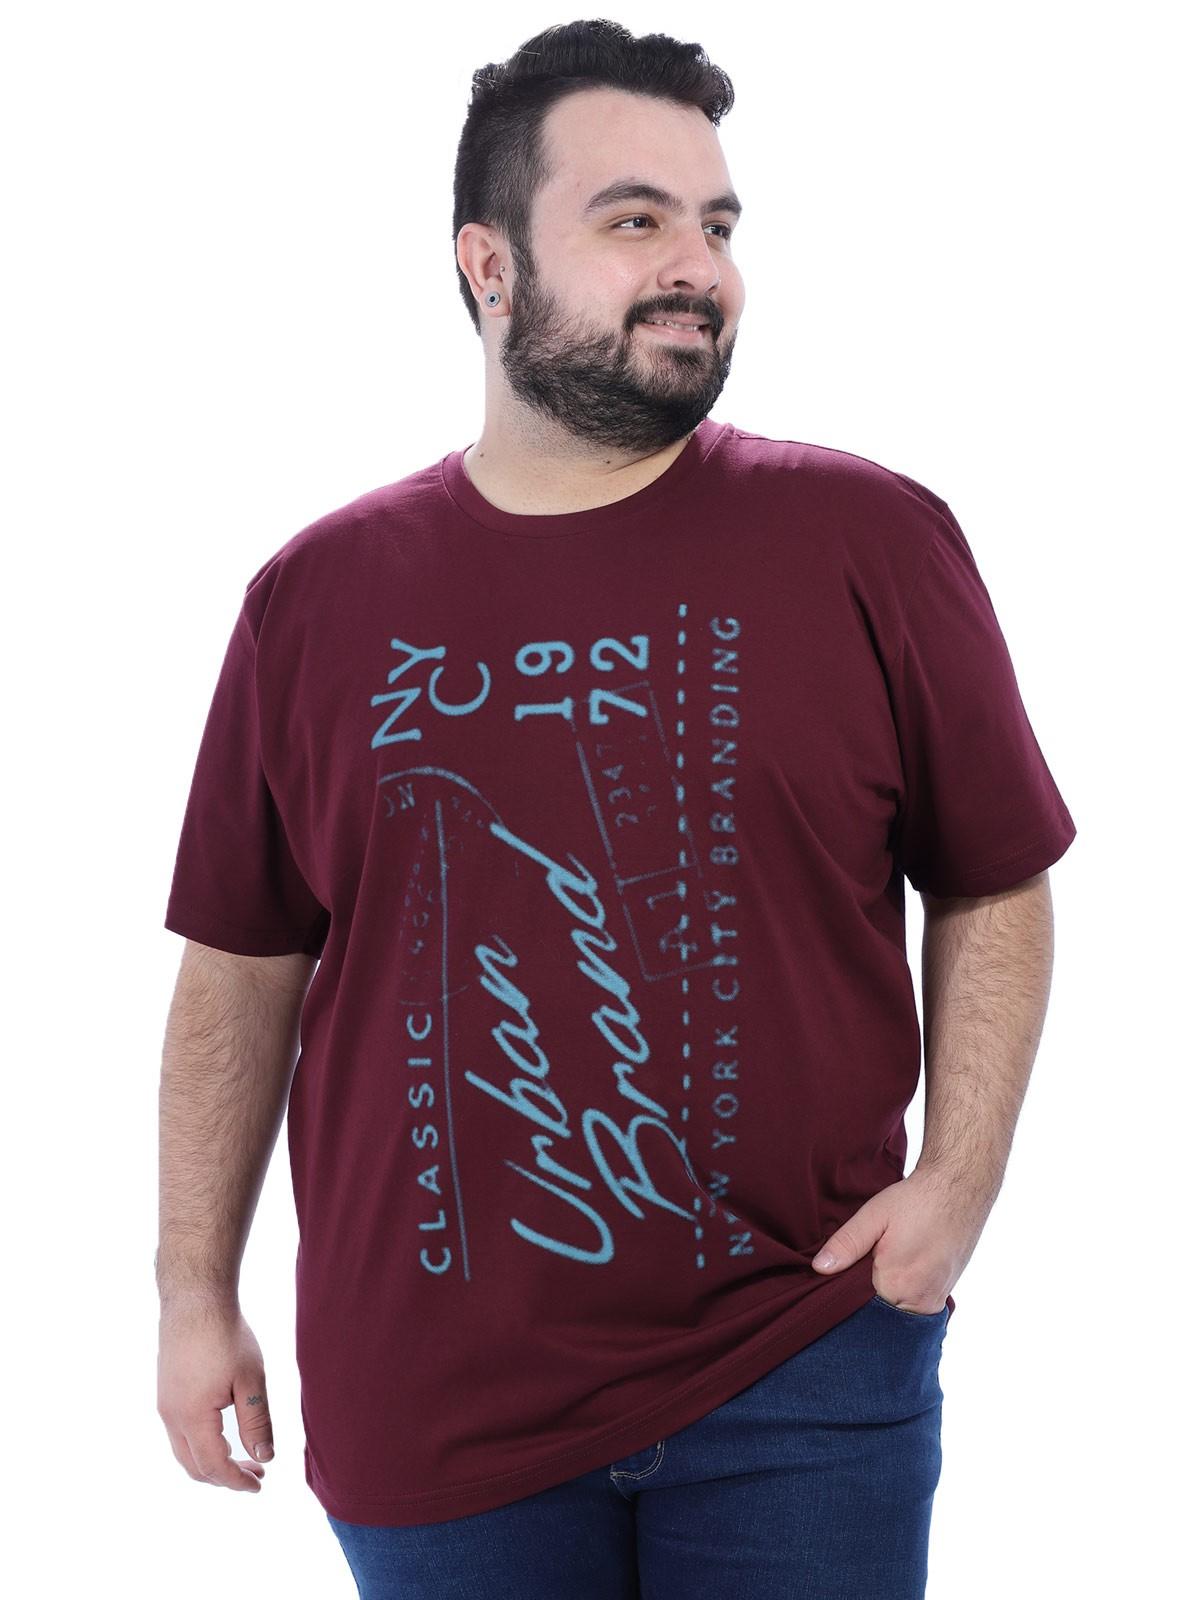 Camiseta Plus Size Masculino Urban Anistia Vinho